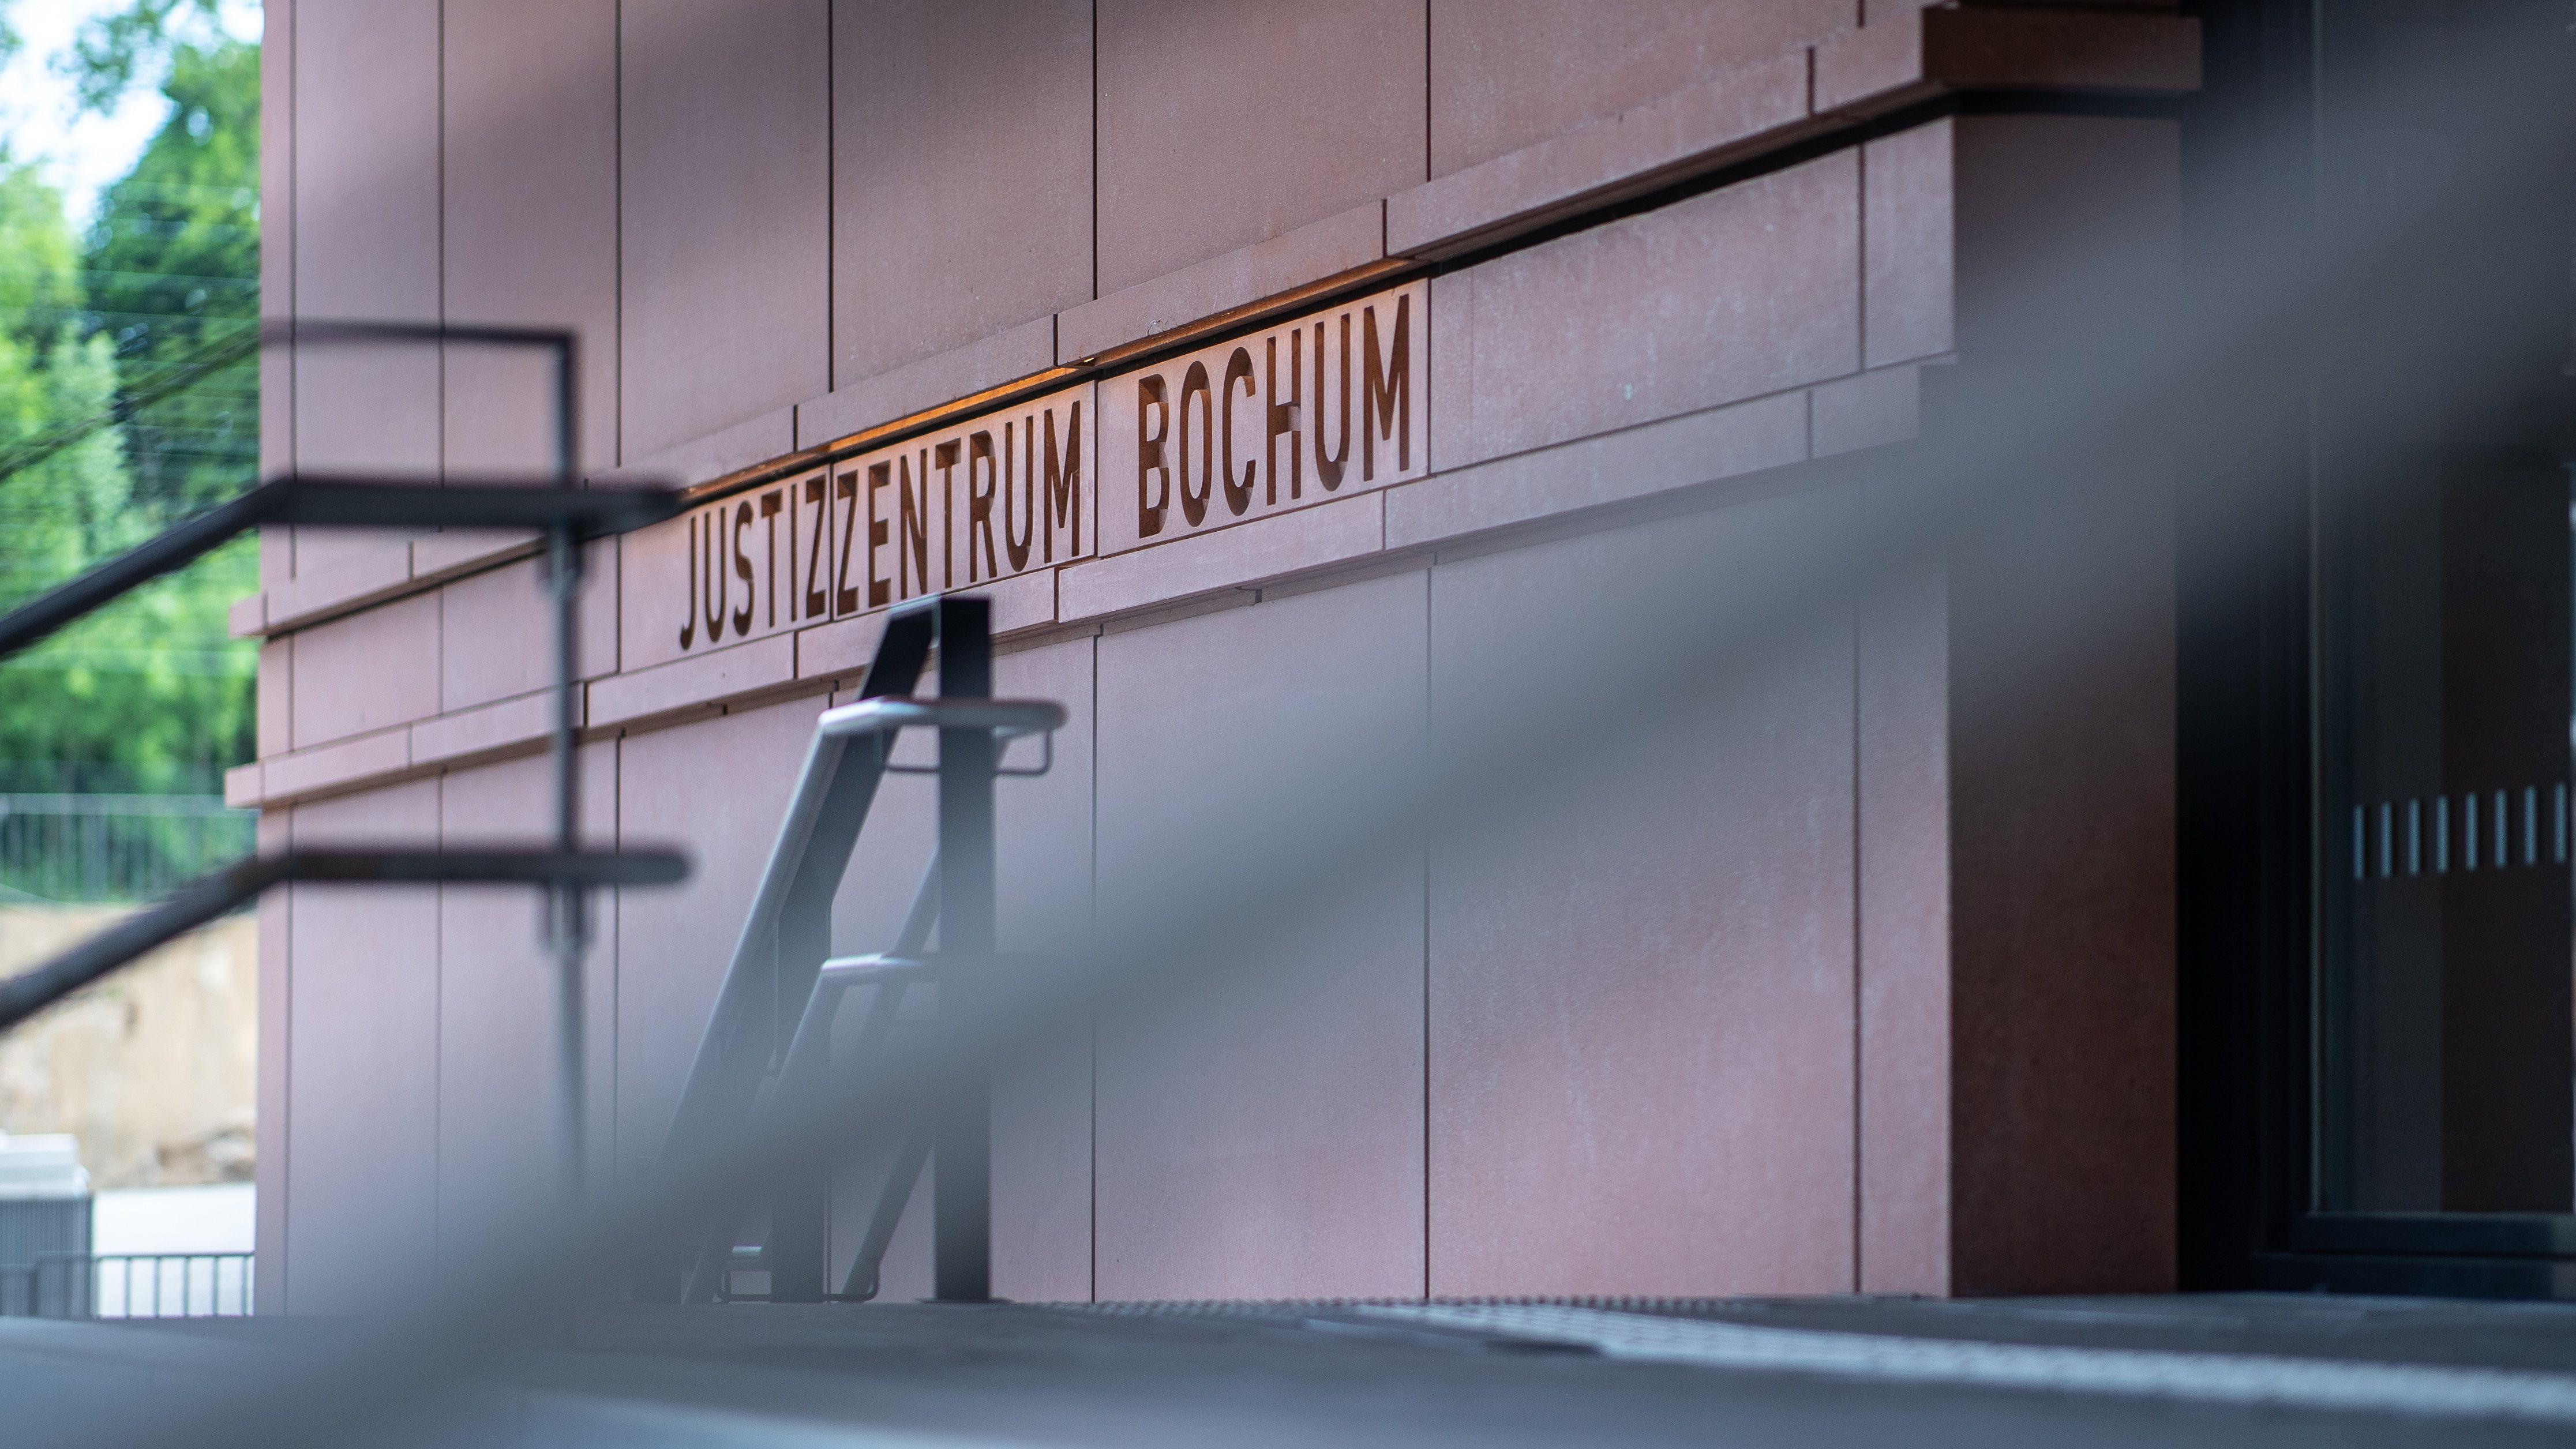 """Bochum: An der Treppe stehen beim Landgericht die Wörter: """"Justizzentrum Bochum"""" in Stein gemeißelt"""